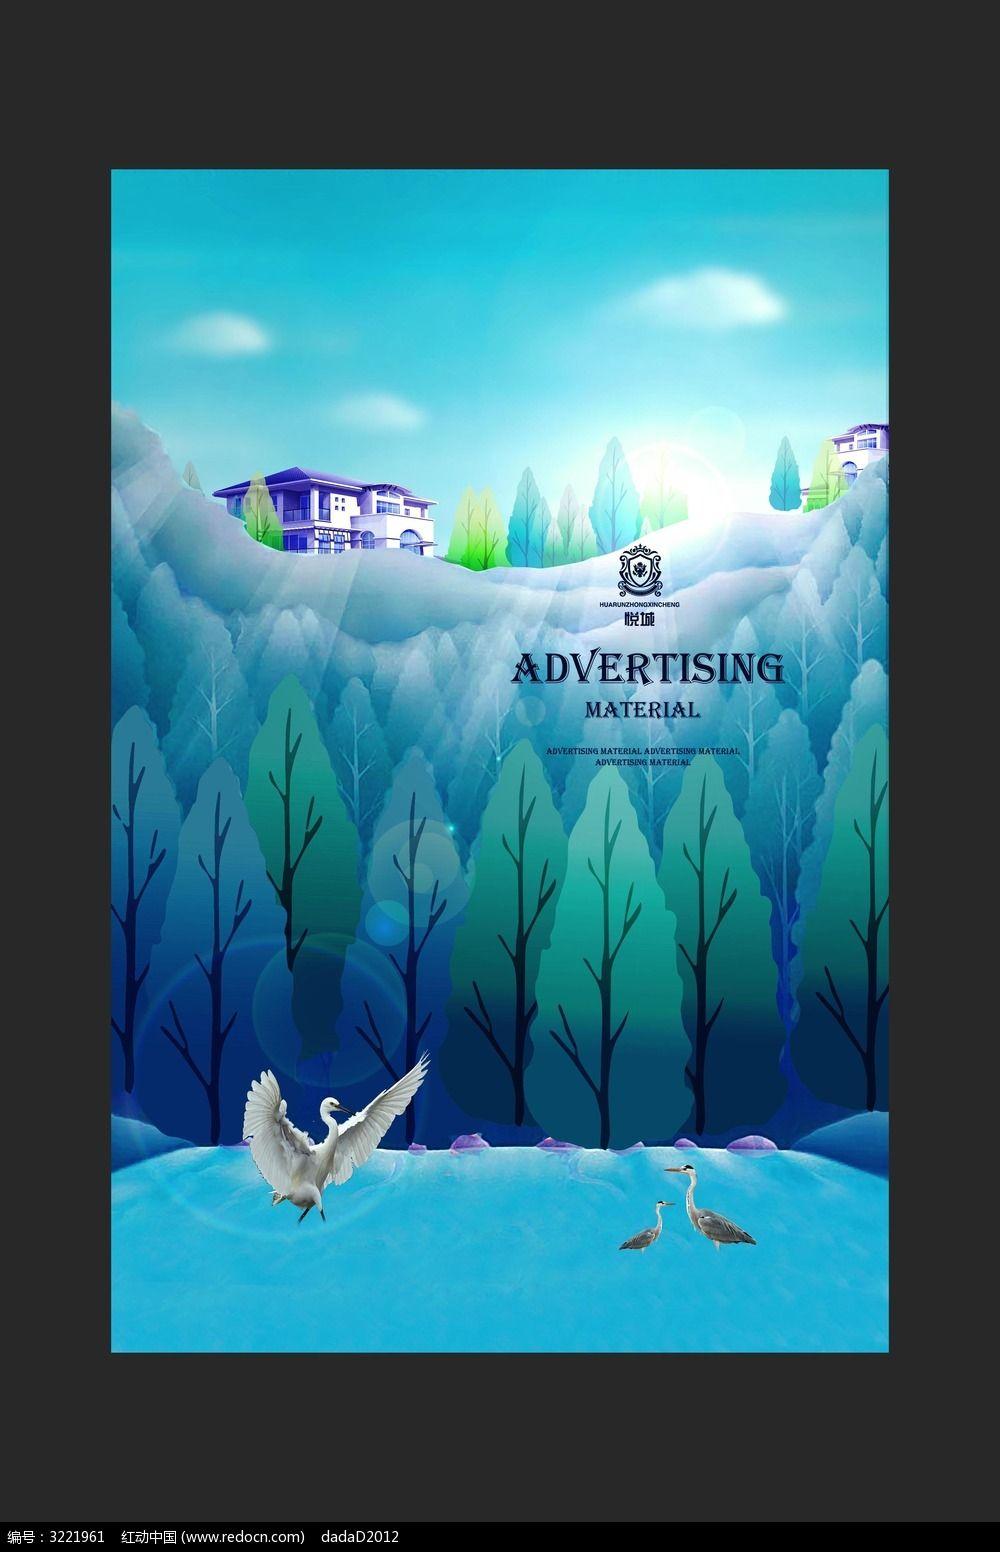 山湖别墅别墅价格_海报设计/宣传单/广告牌图乐从地产广告图片